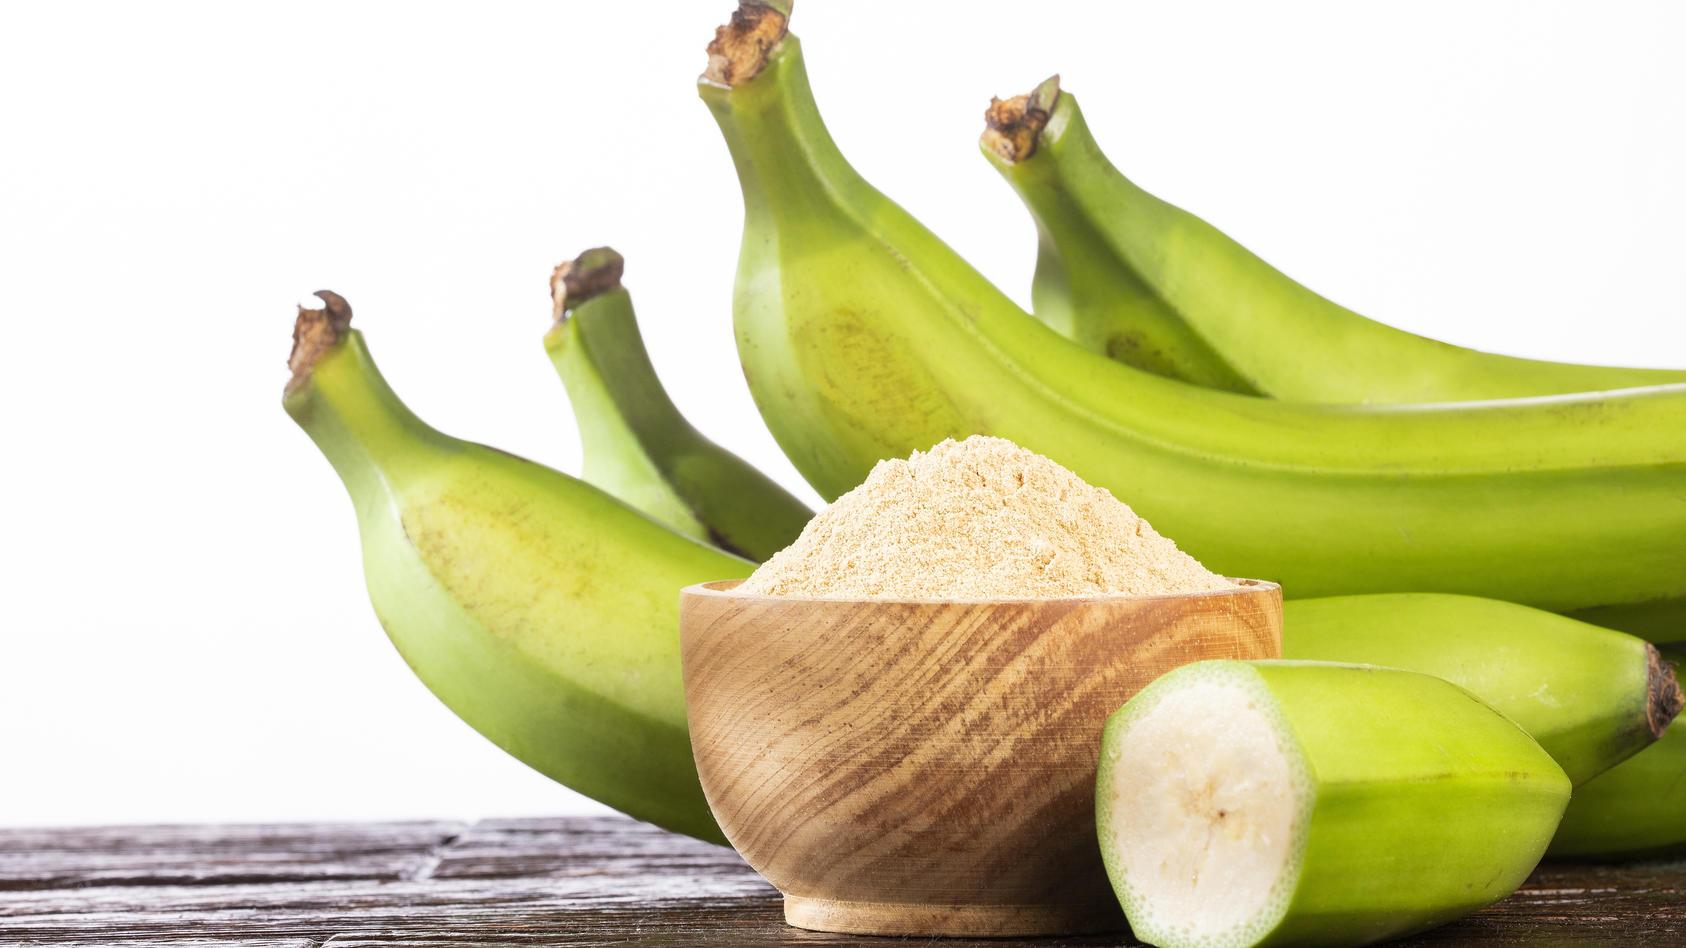 Schon mal Mehl aus Bananen probiert? 2020 liegt das total im Trend.